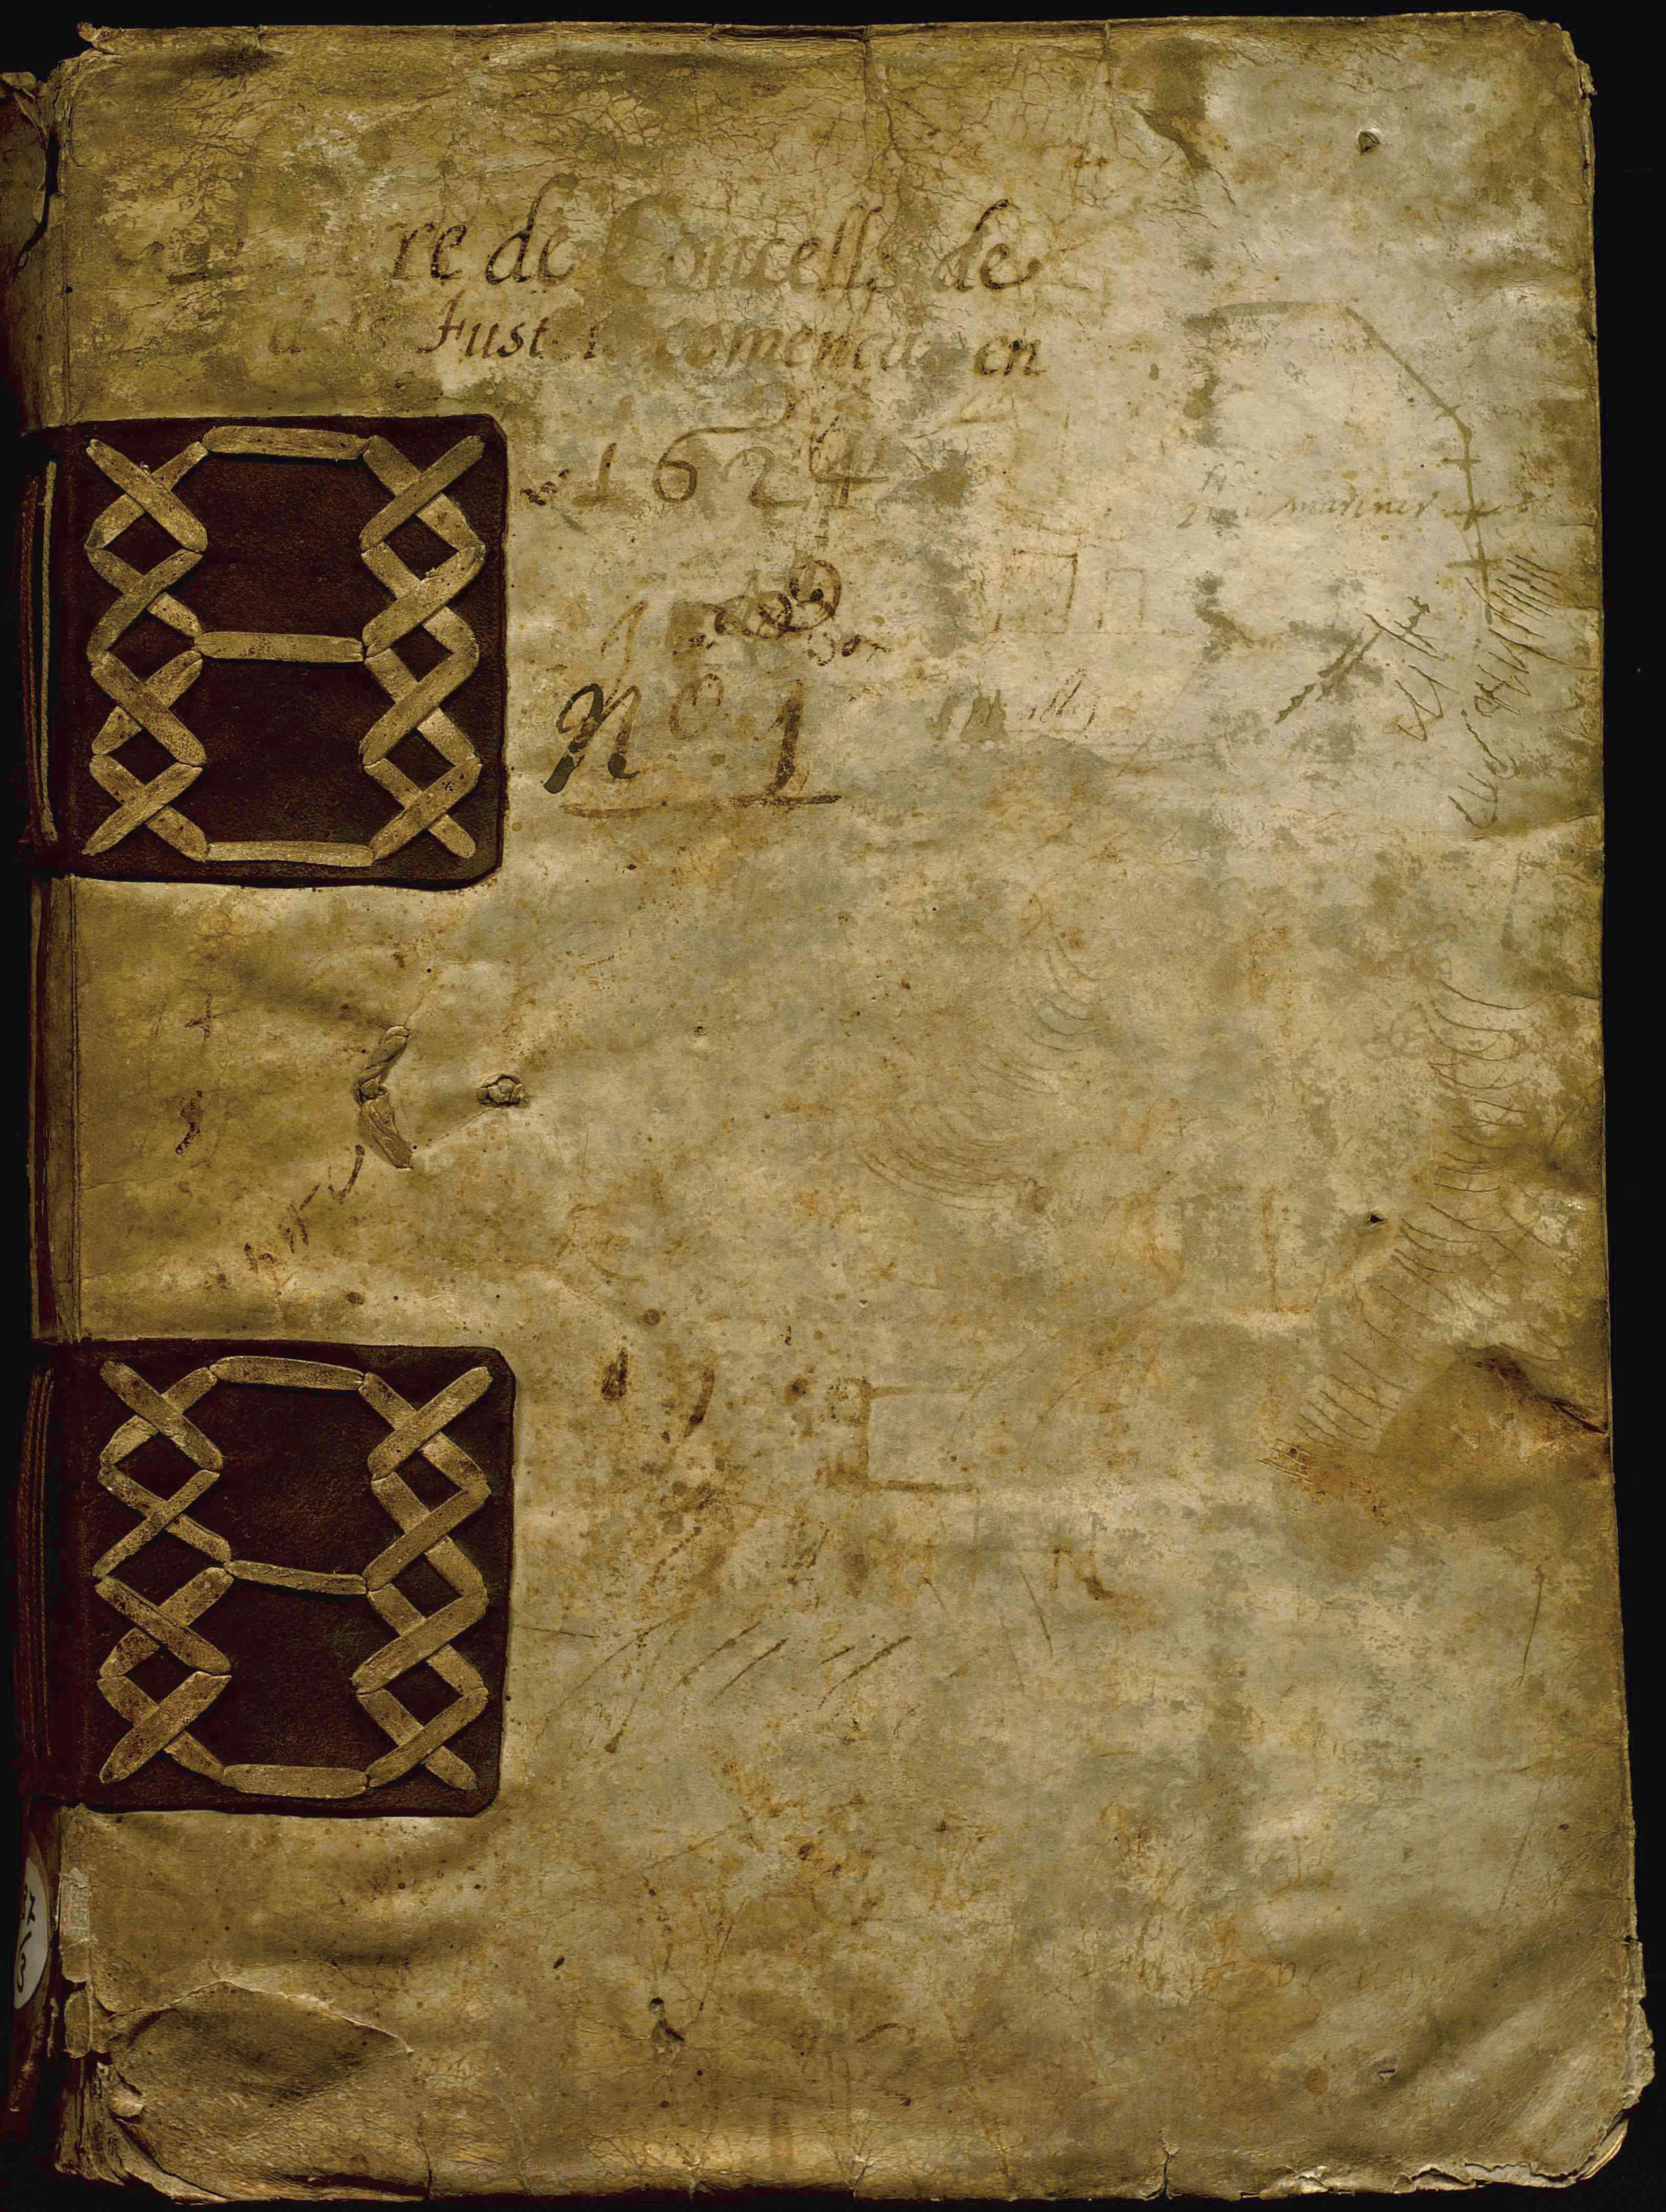 Llibre de consells de la Confraria de mestres fusters de Barcelona. Coberta. AHCB3-580/5D.142- 3 (1624)